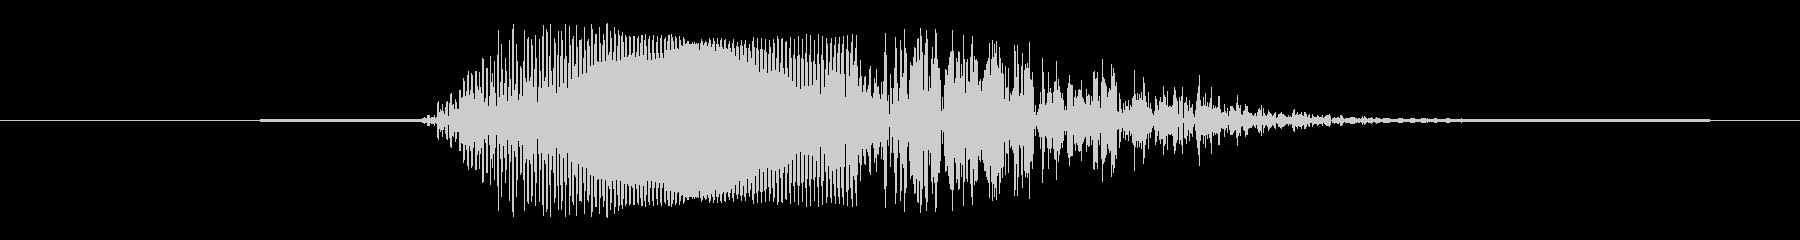 鳴き声 女性ファイトアタックヒット...の未再生の波形